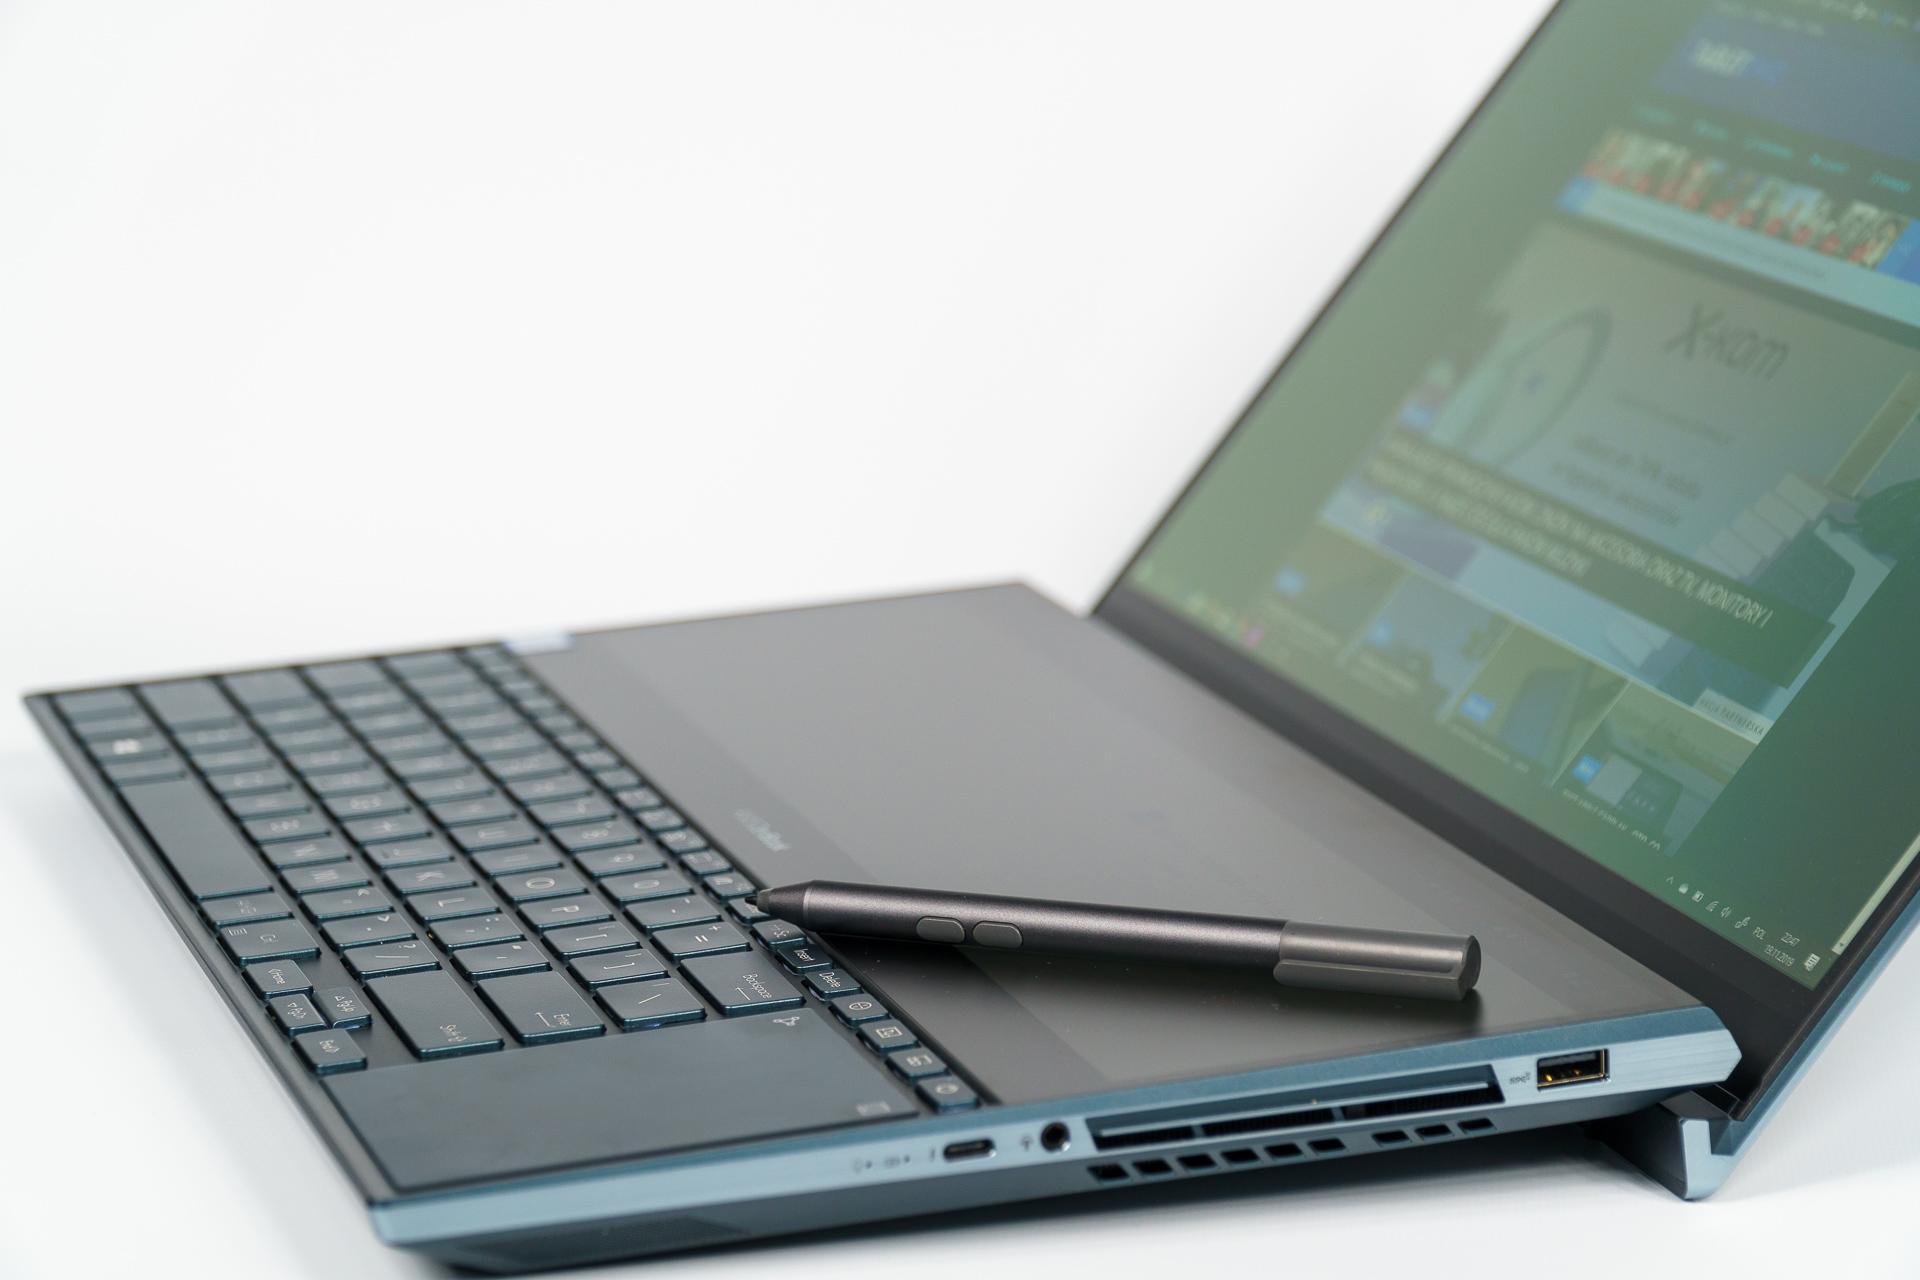 Asus ZenBook Pro Duo - laptop inny niż wszystkie (recenzja) 24